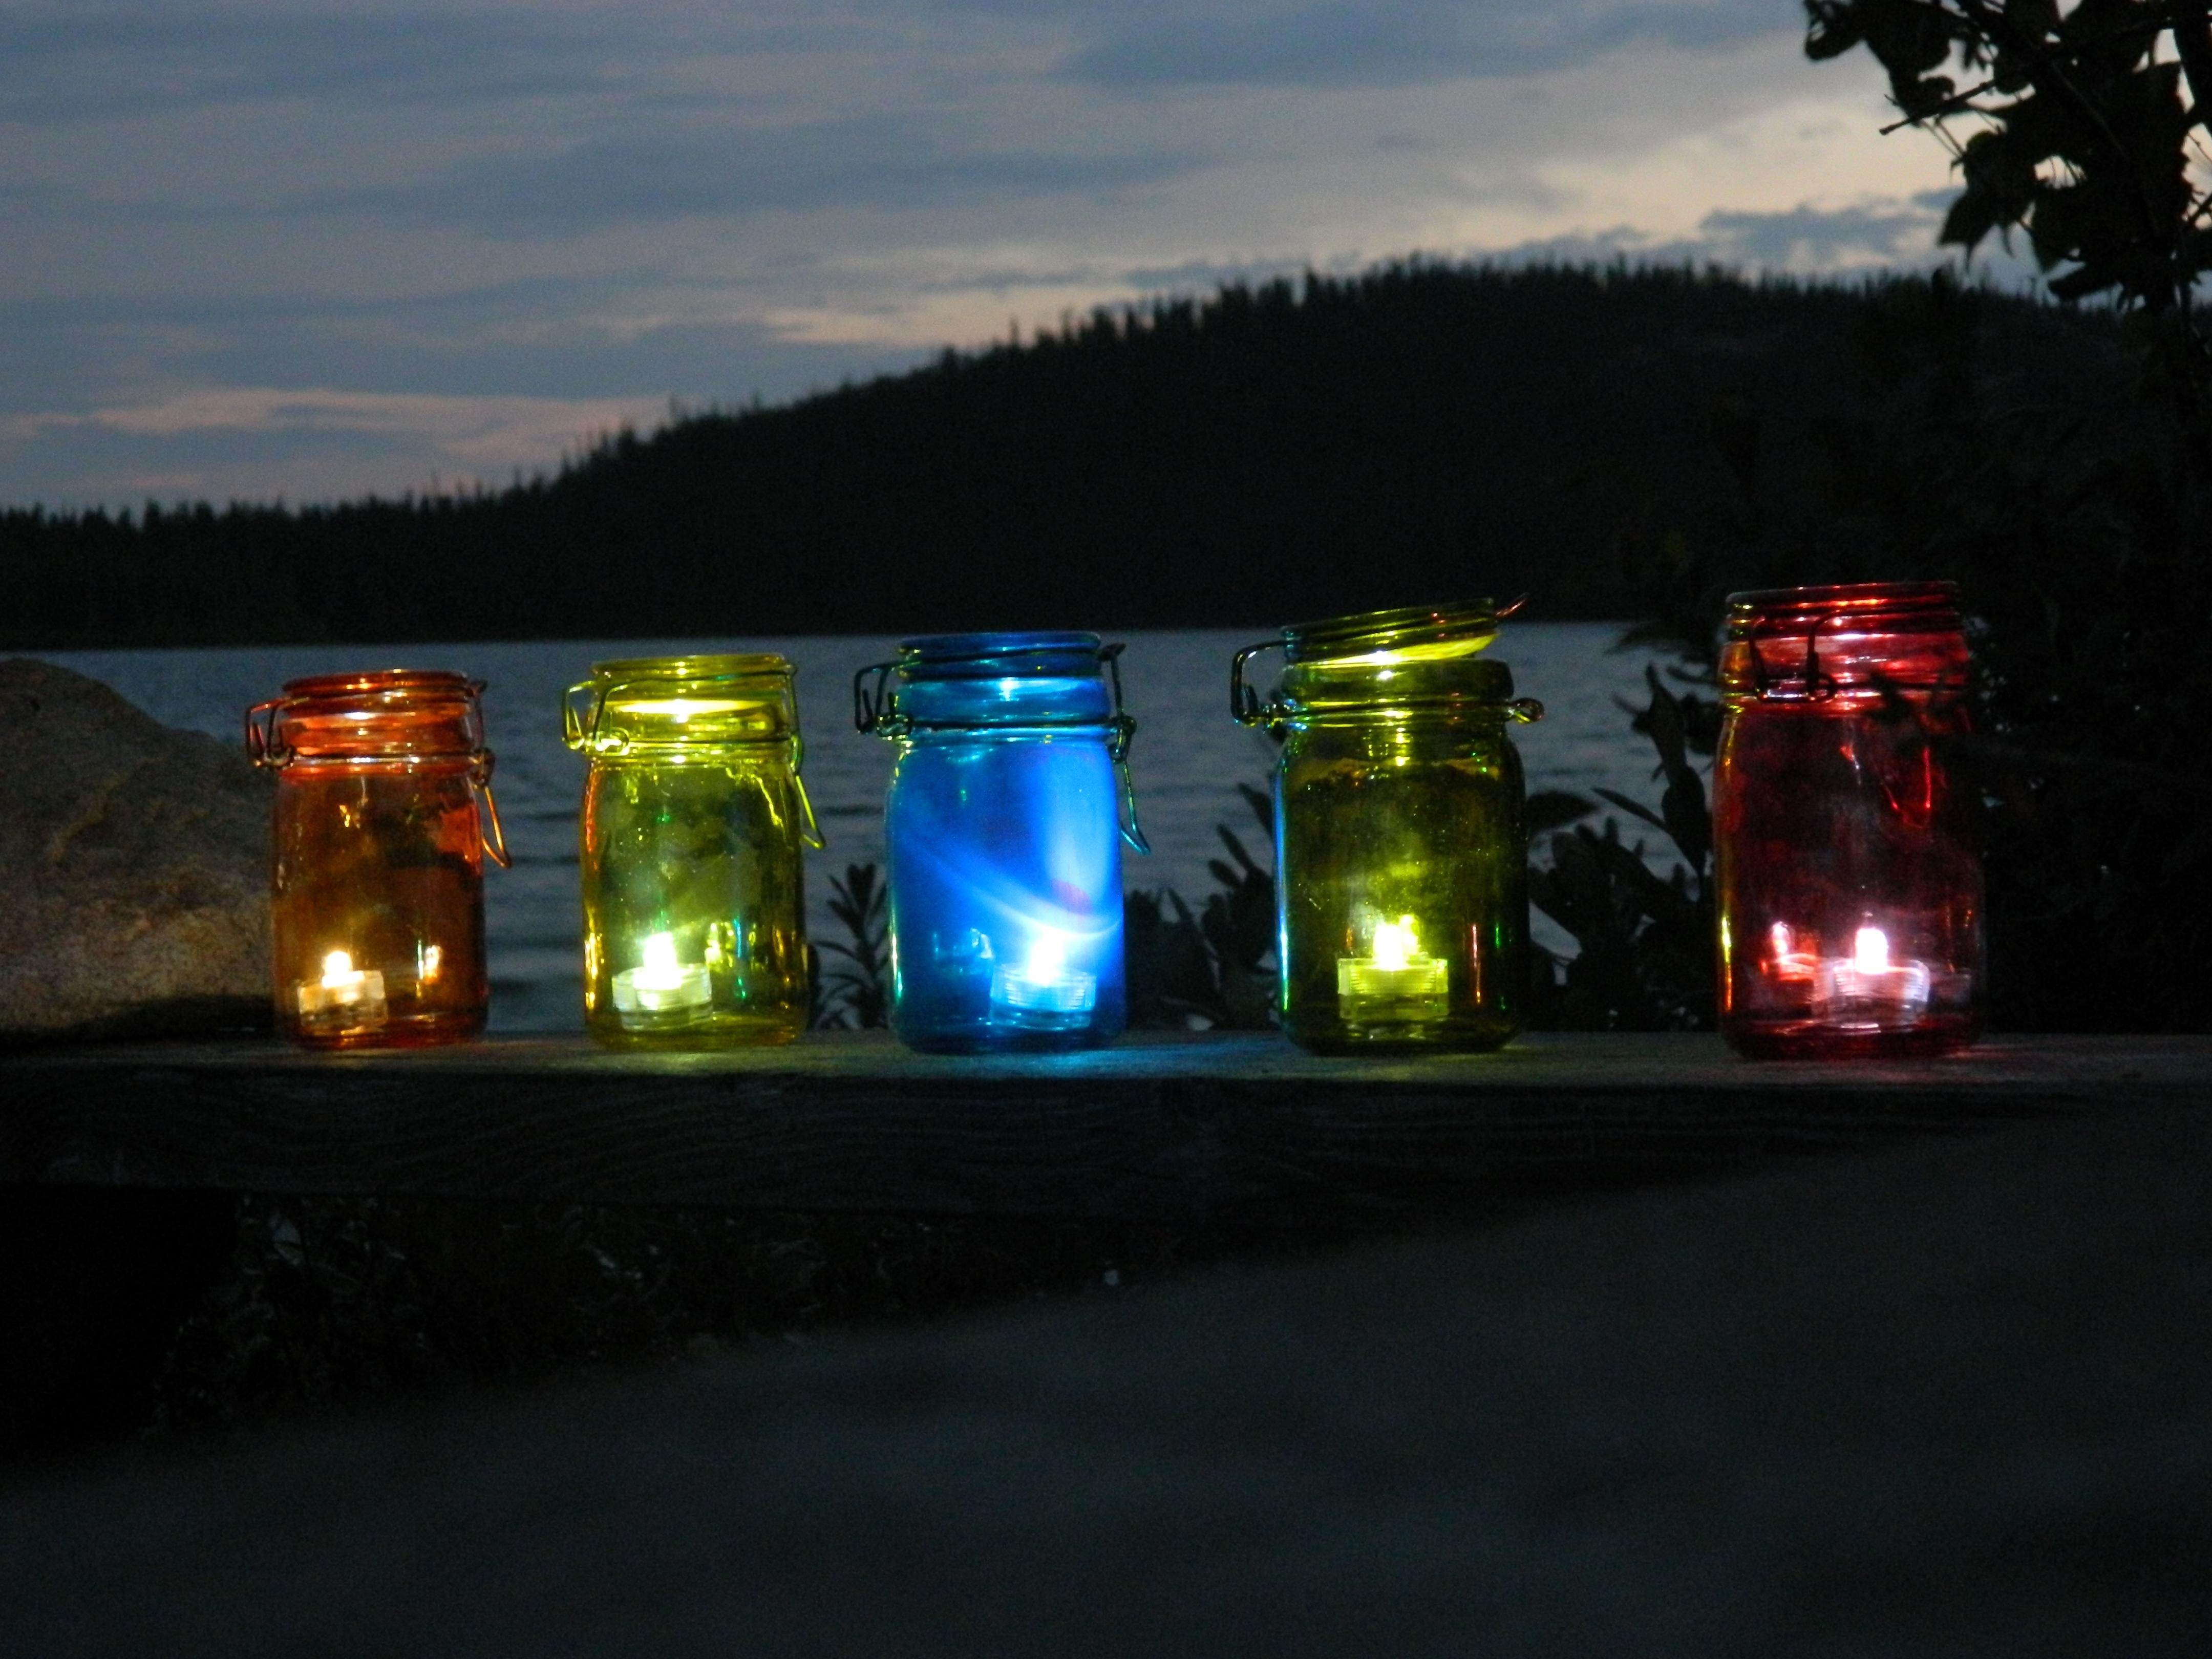 Diy Outdoor Tea Light Lanterns | A Little Bit Of Glass inside Outdoor Jar Lanterns (Image 6 of 20)